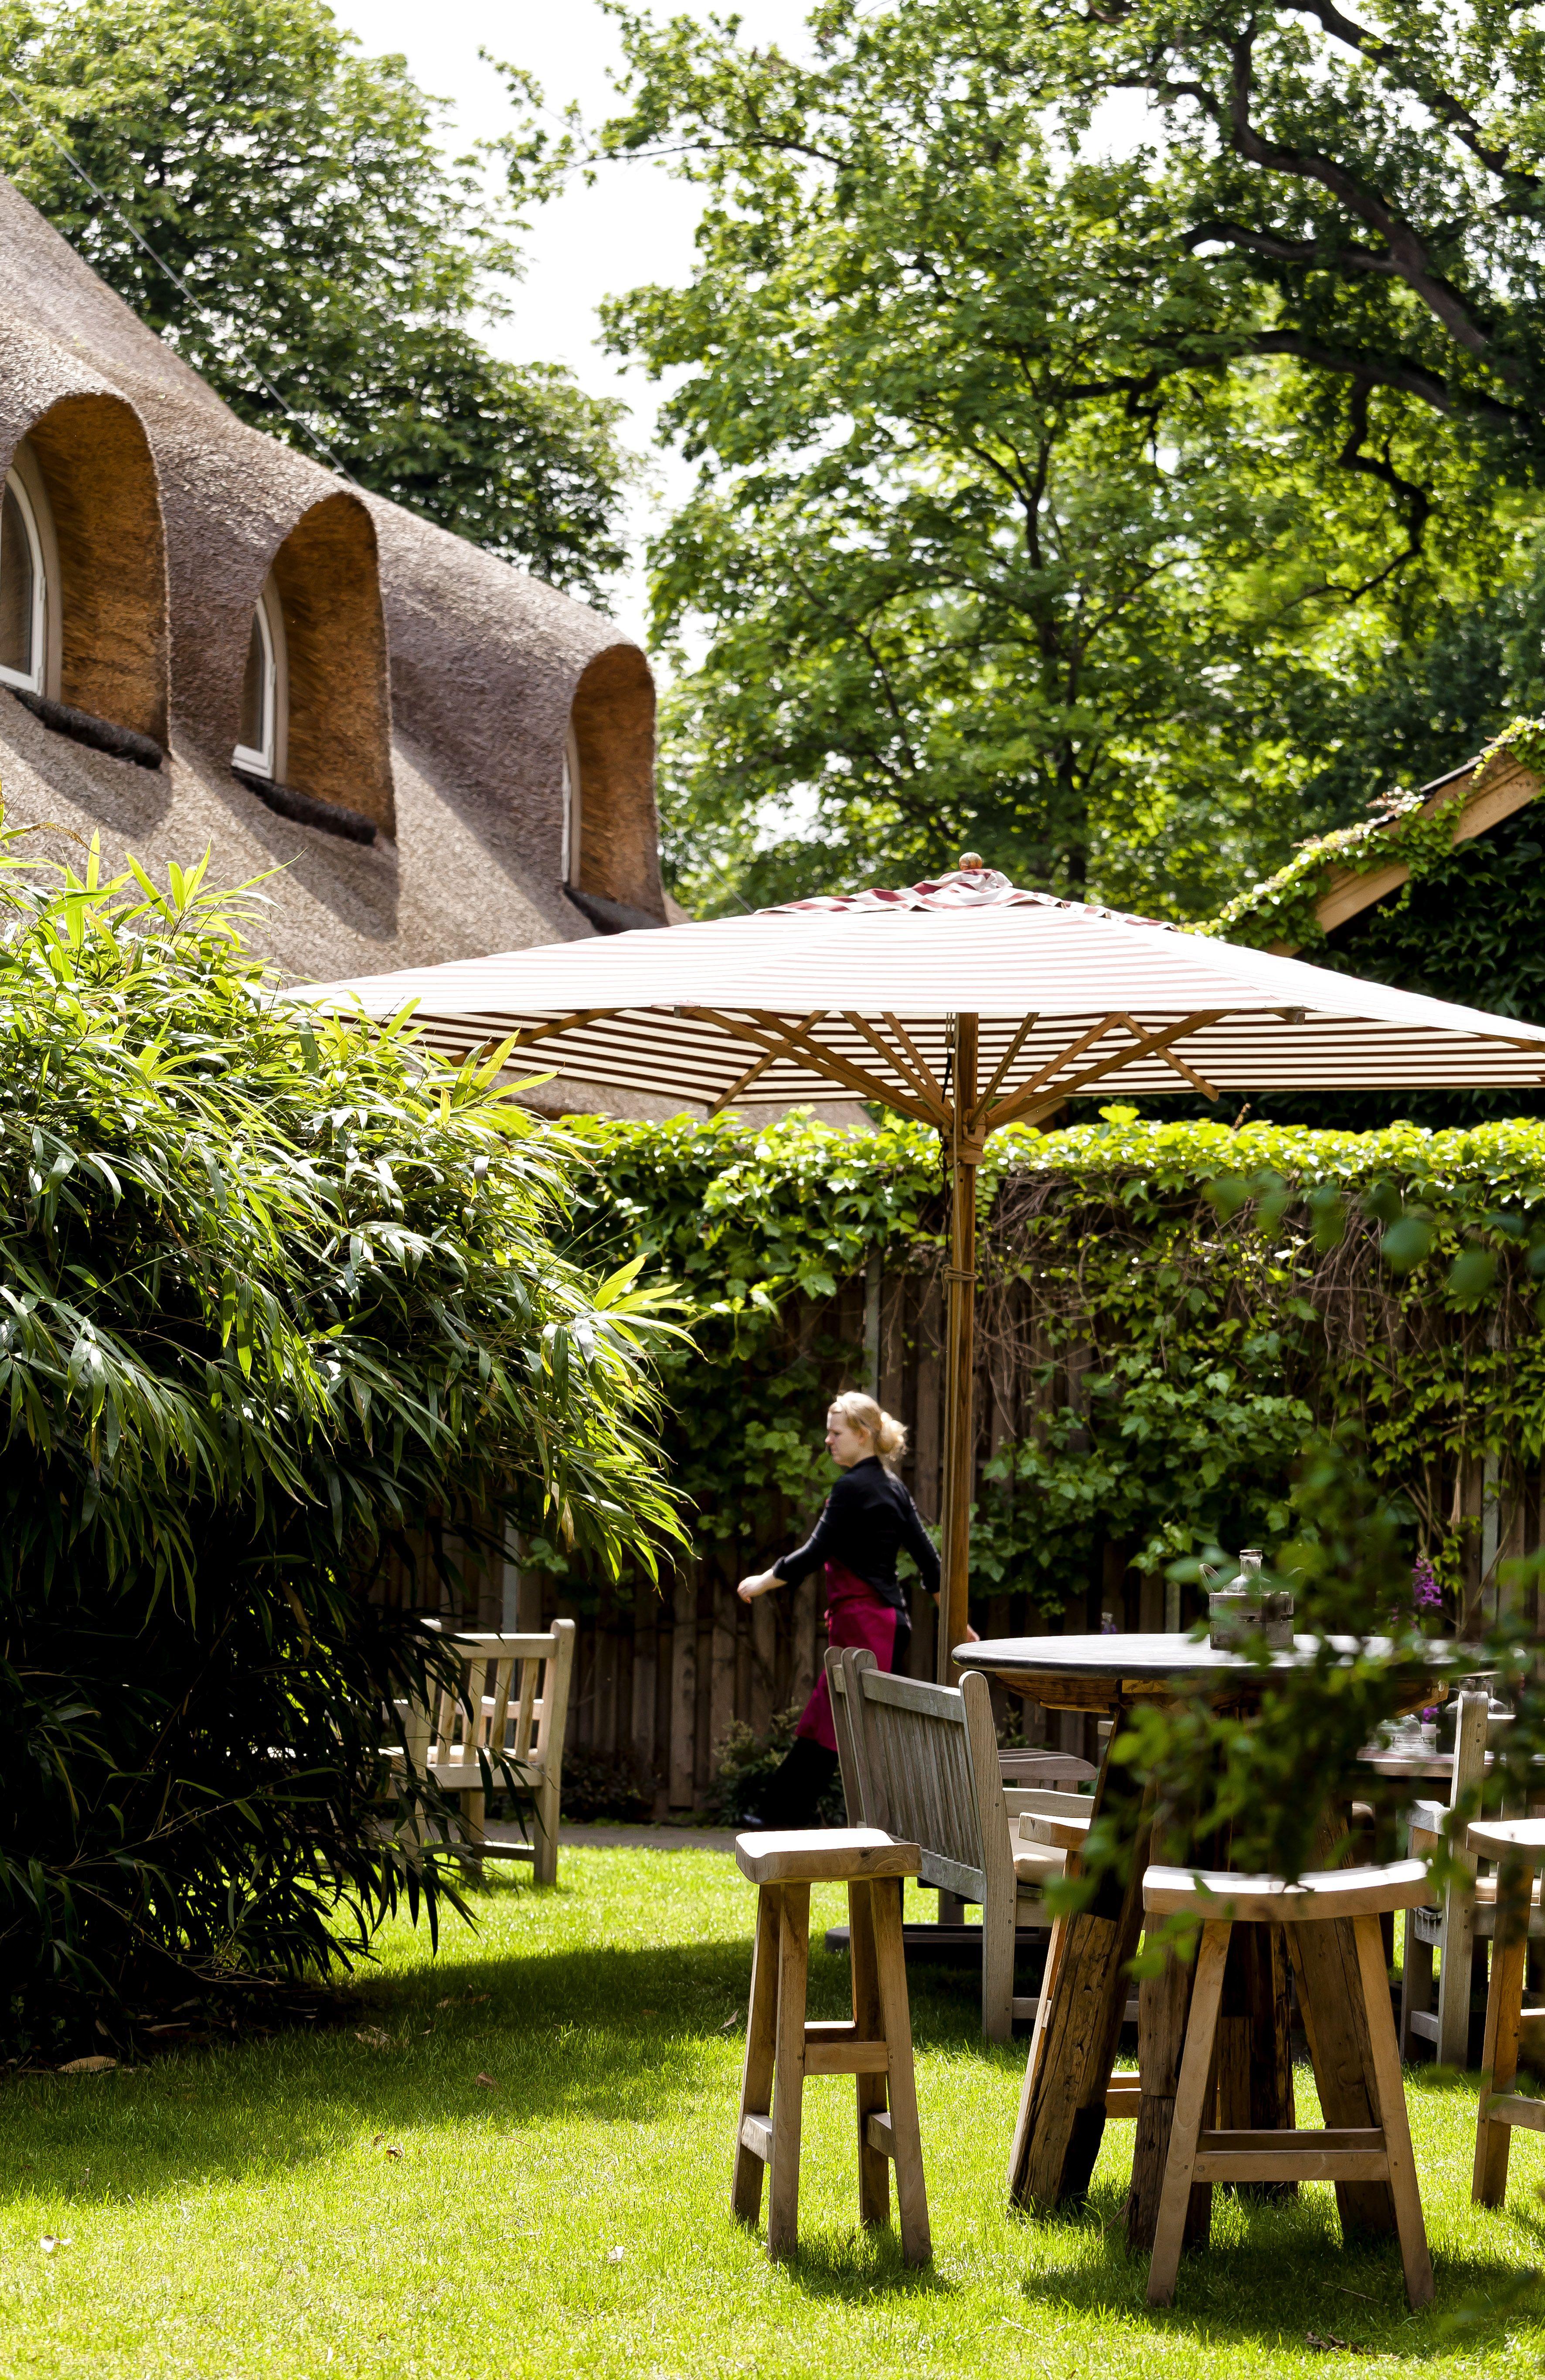 sommer garten landhaus flottbek restaurant landhaus flottbek